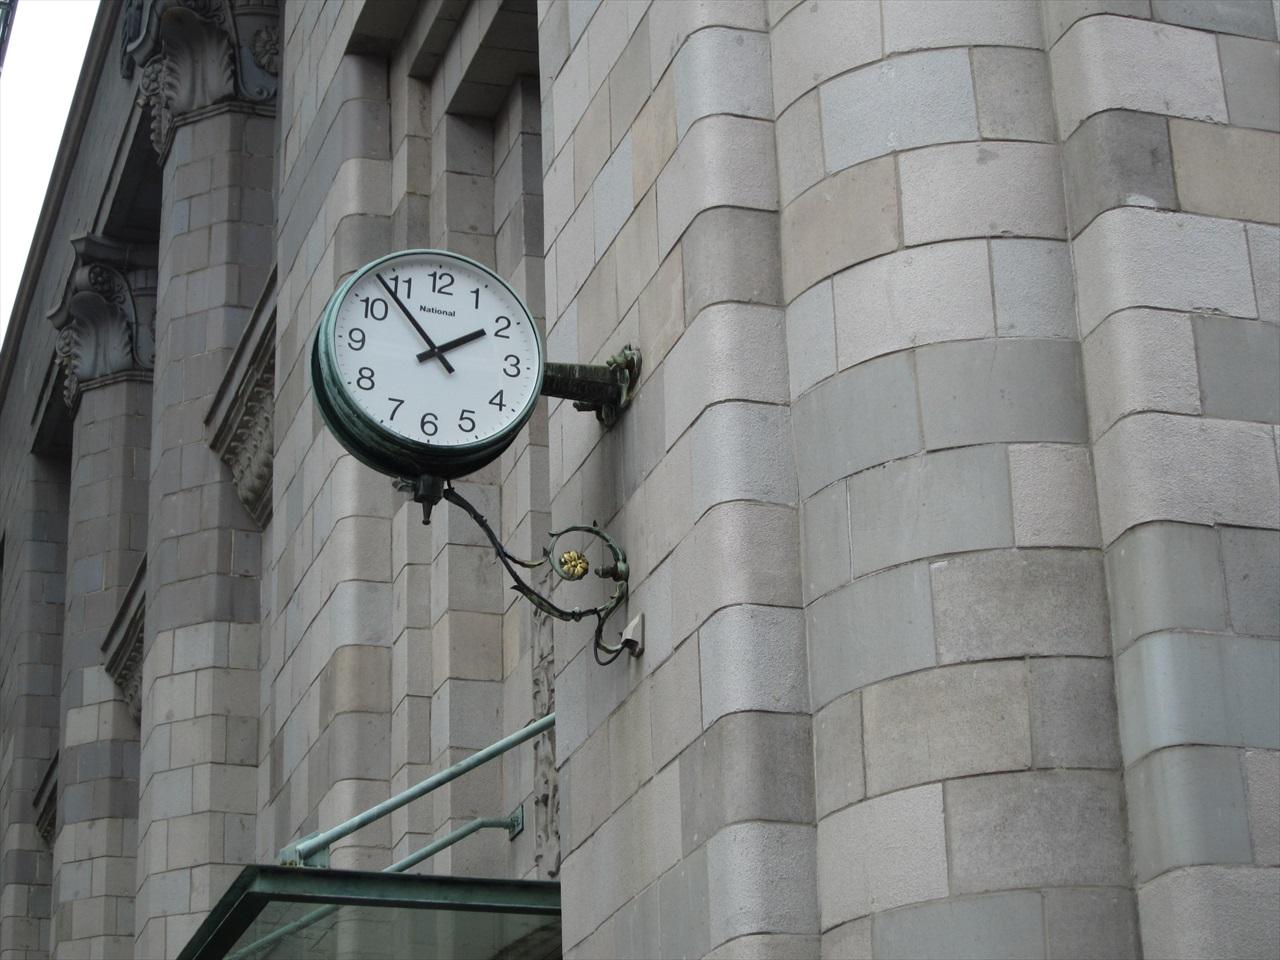 地方銀行の古いたてもの。人間は時計を発明し、時計を作ることができるが、時計ではない。